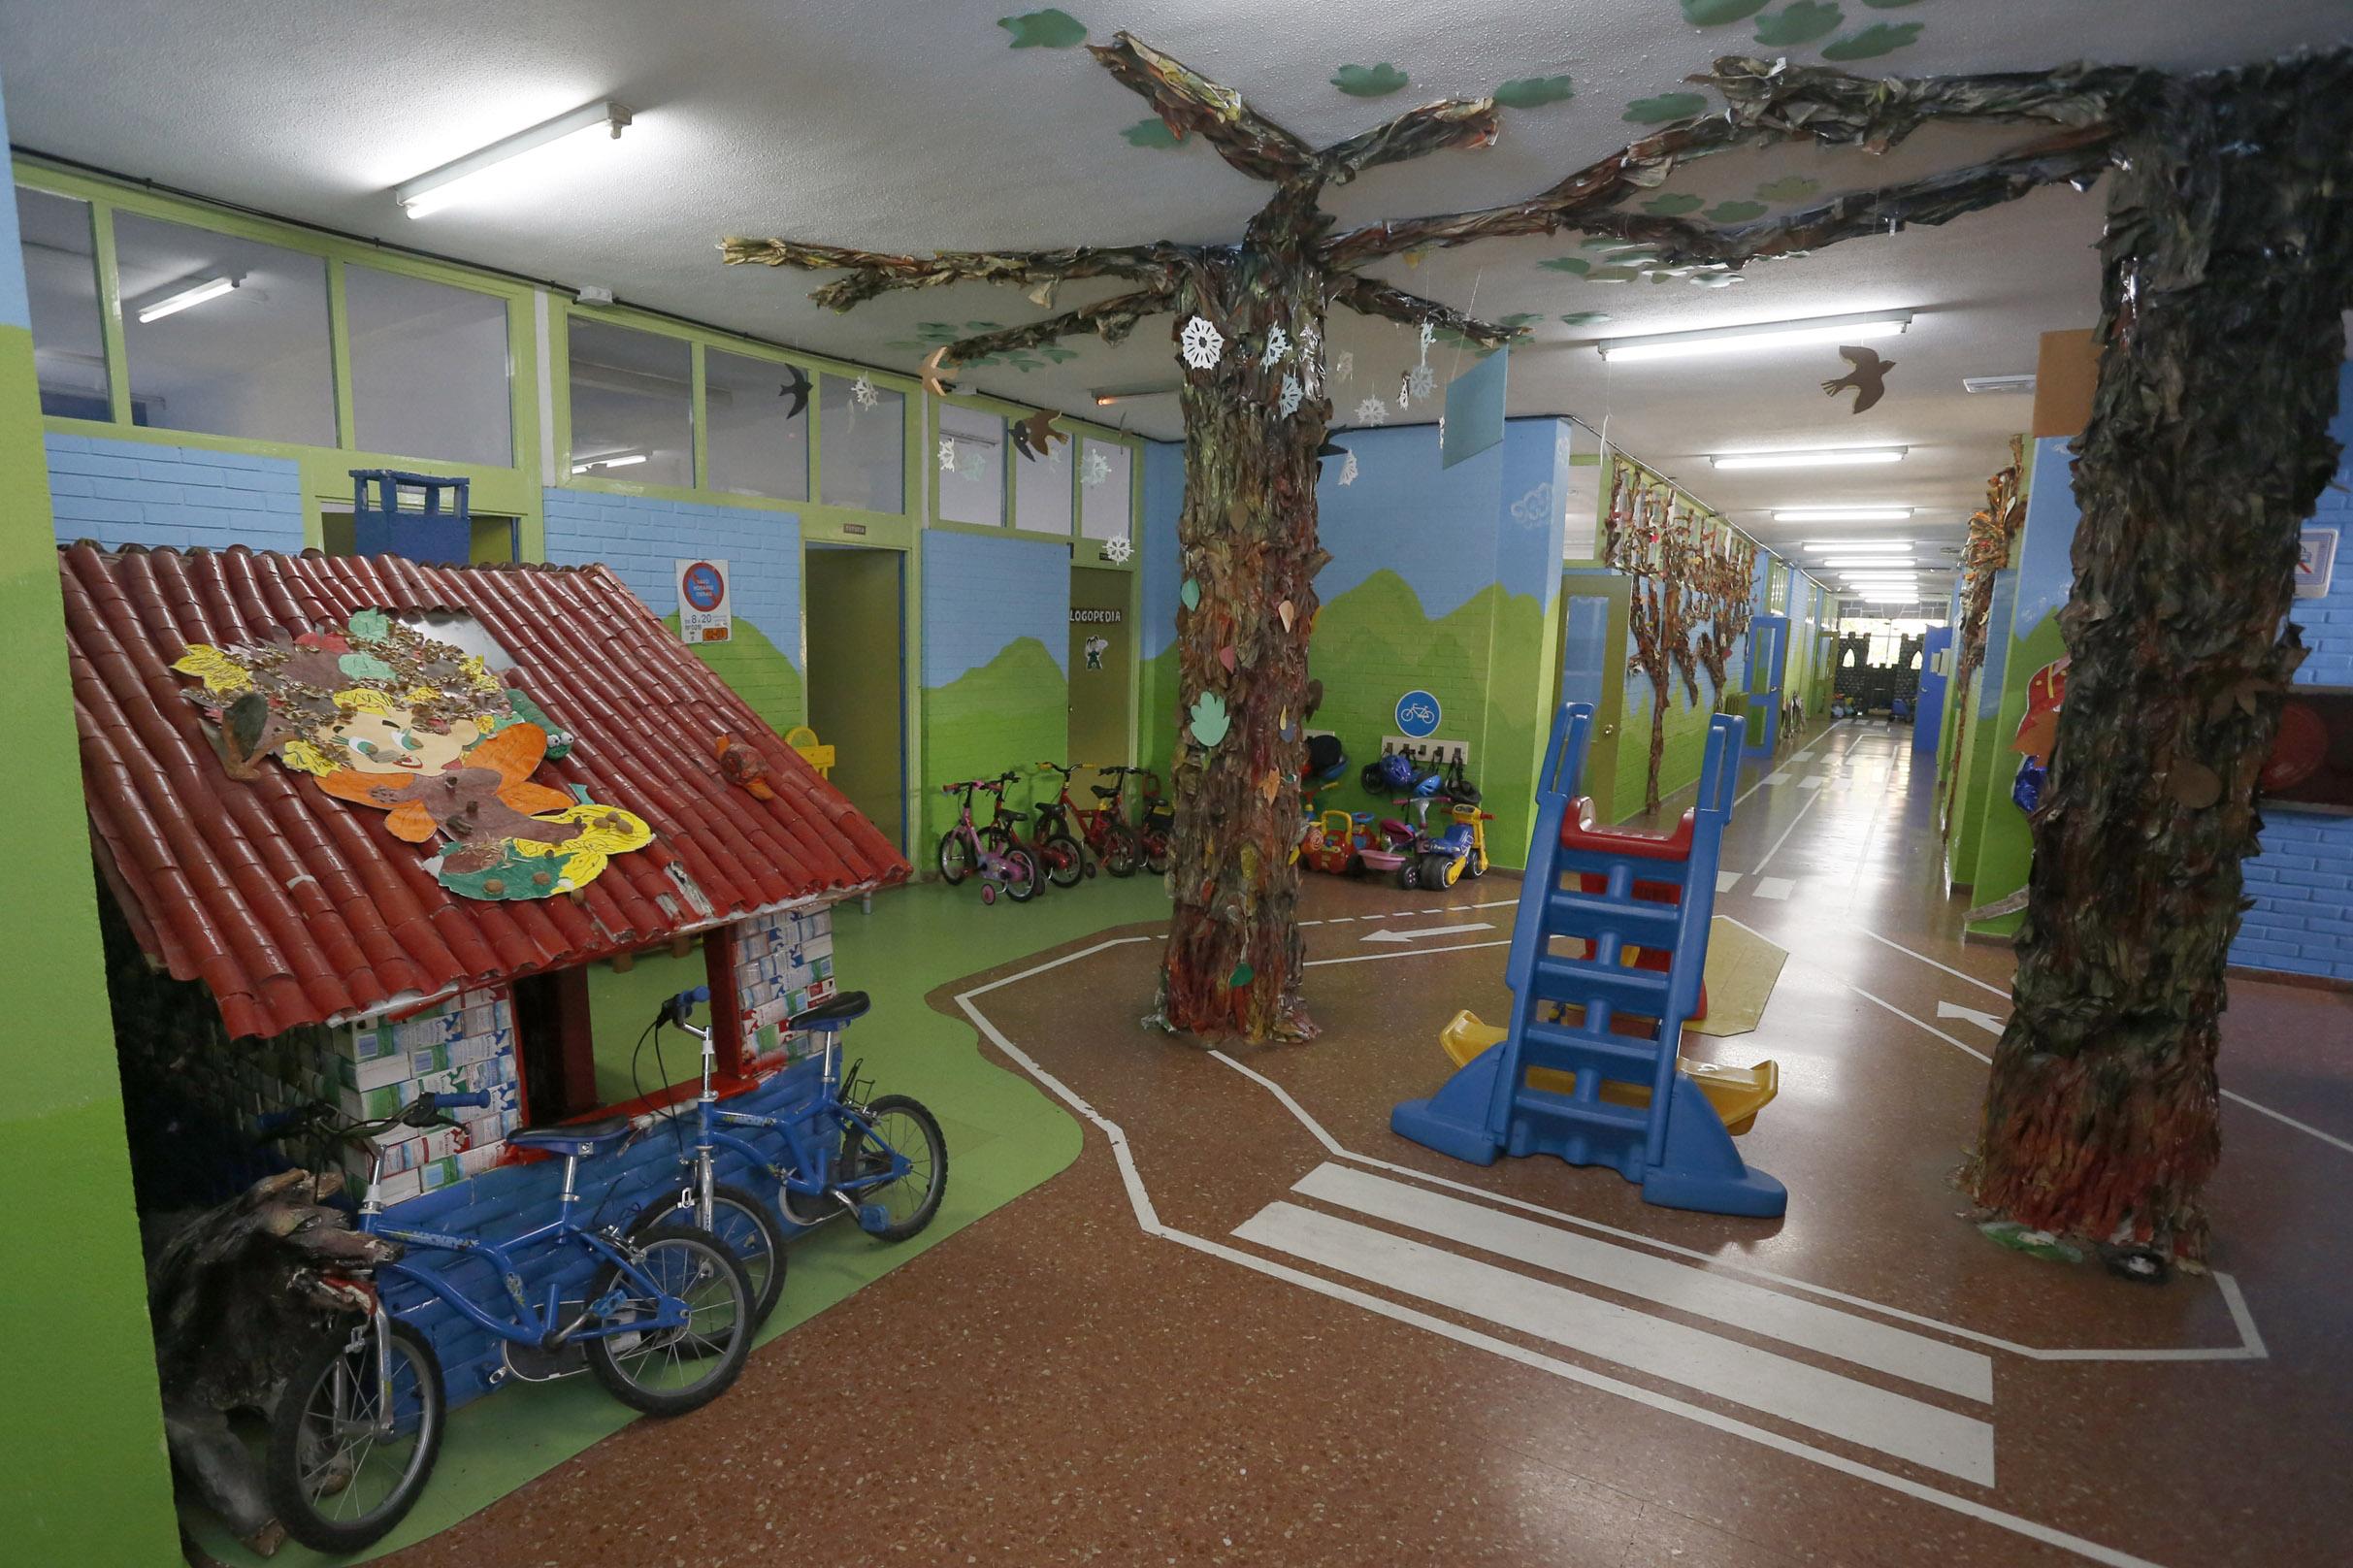 Imagen de un mercadillo en un centro educativo de Gijón